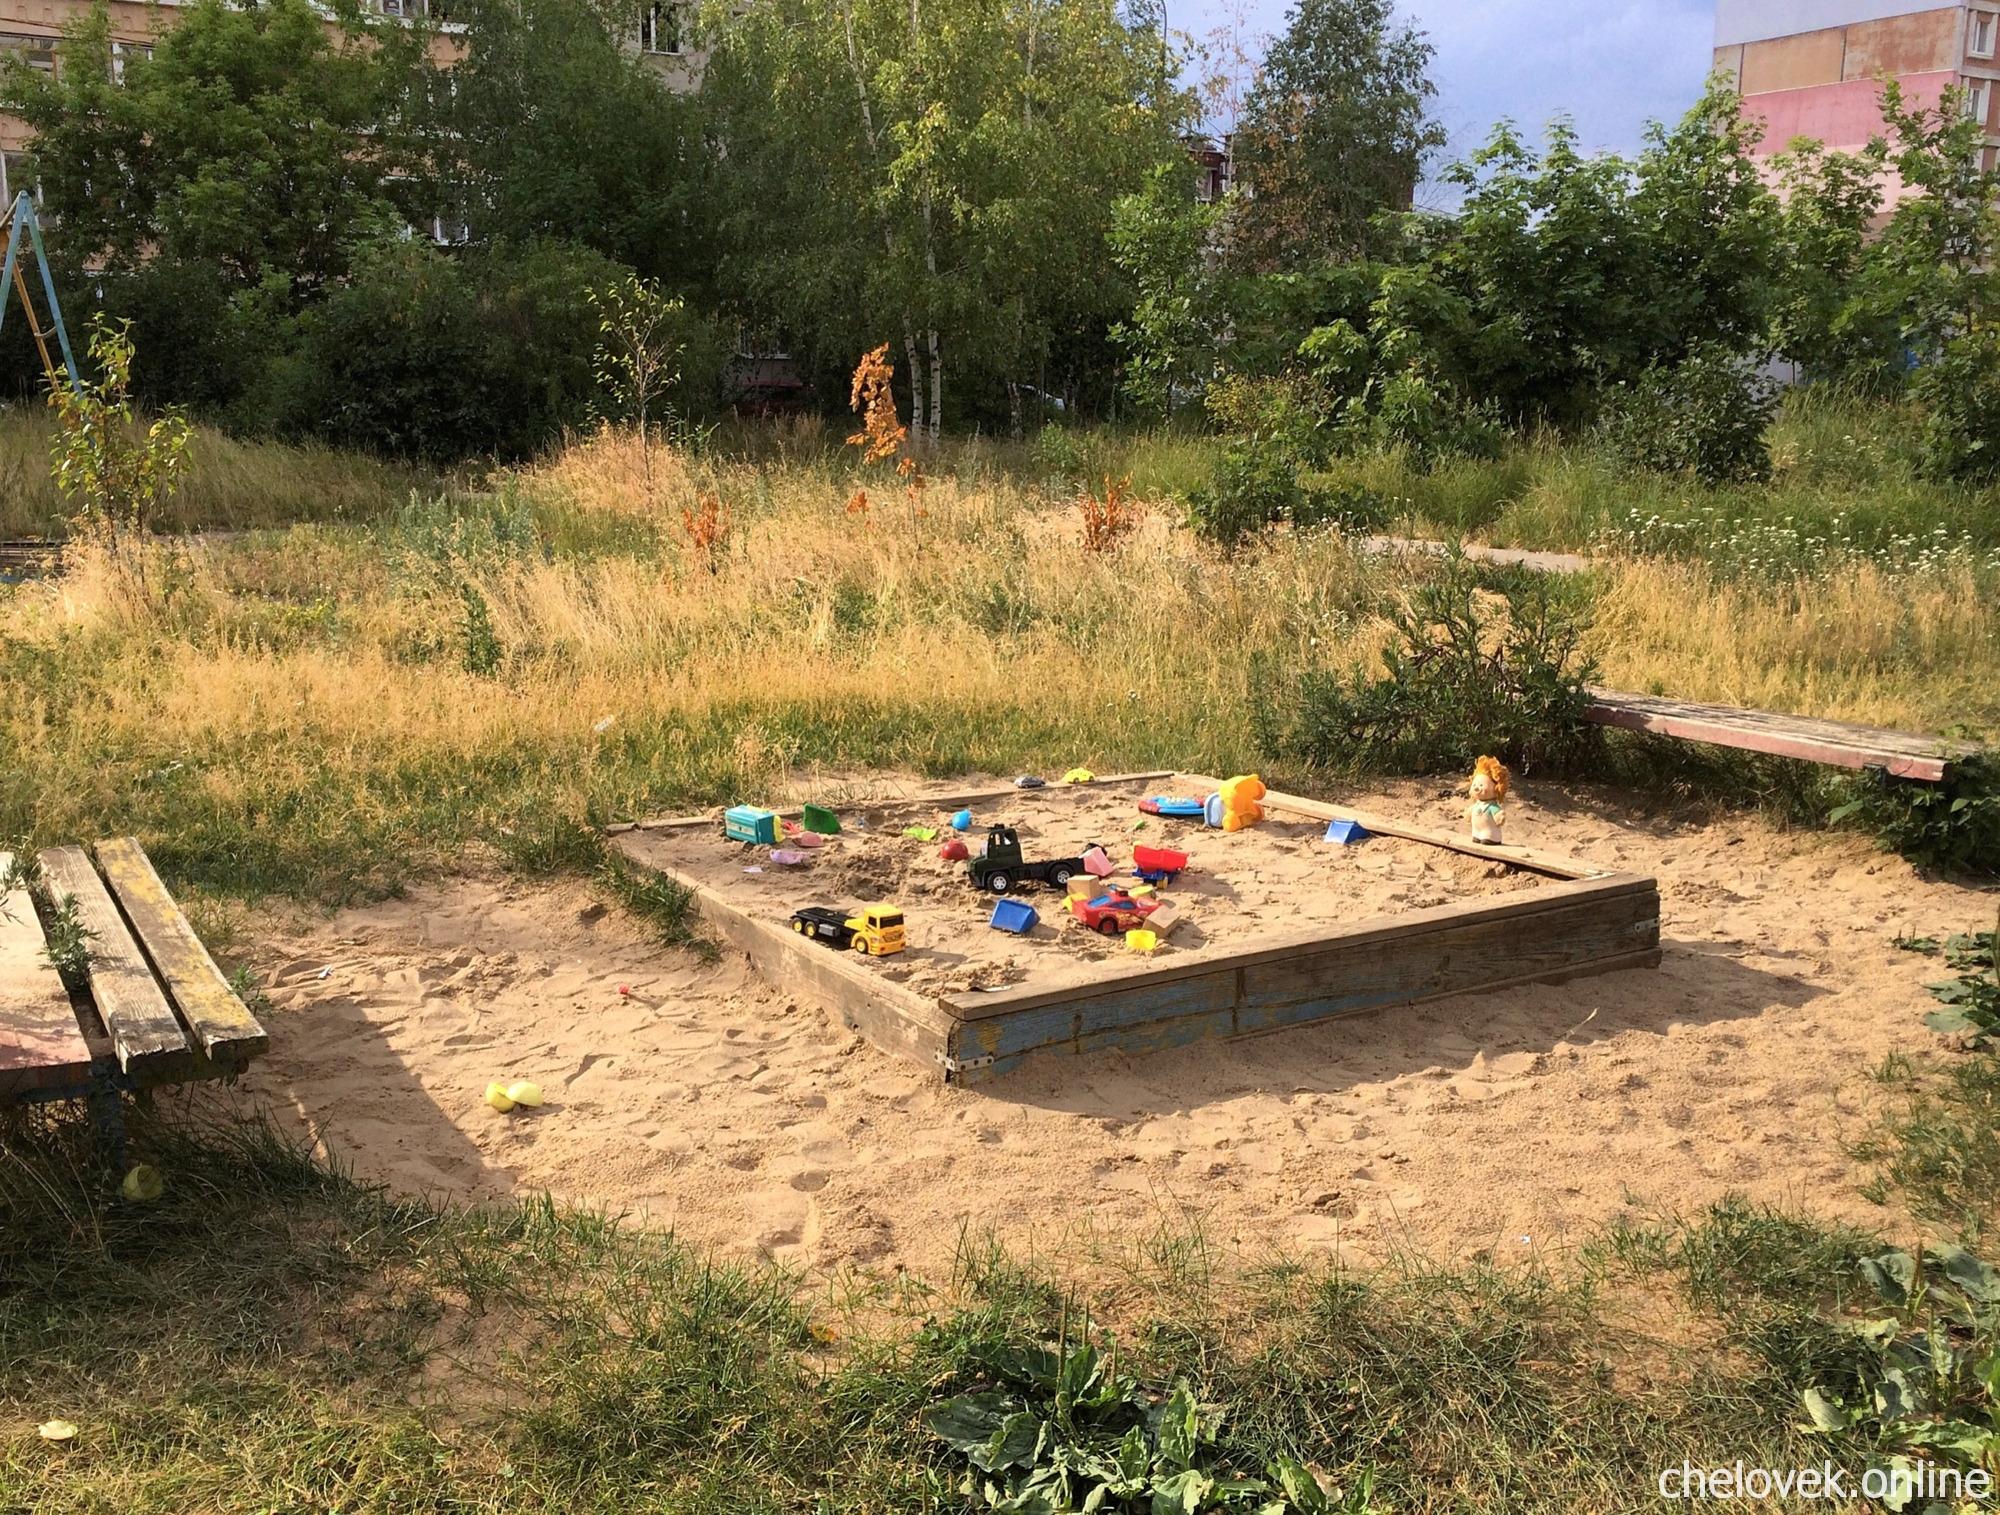 Детская песочница с игрушками во дворе